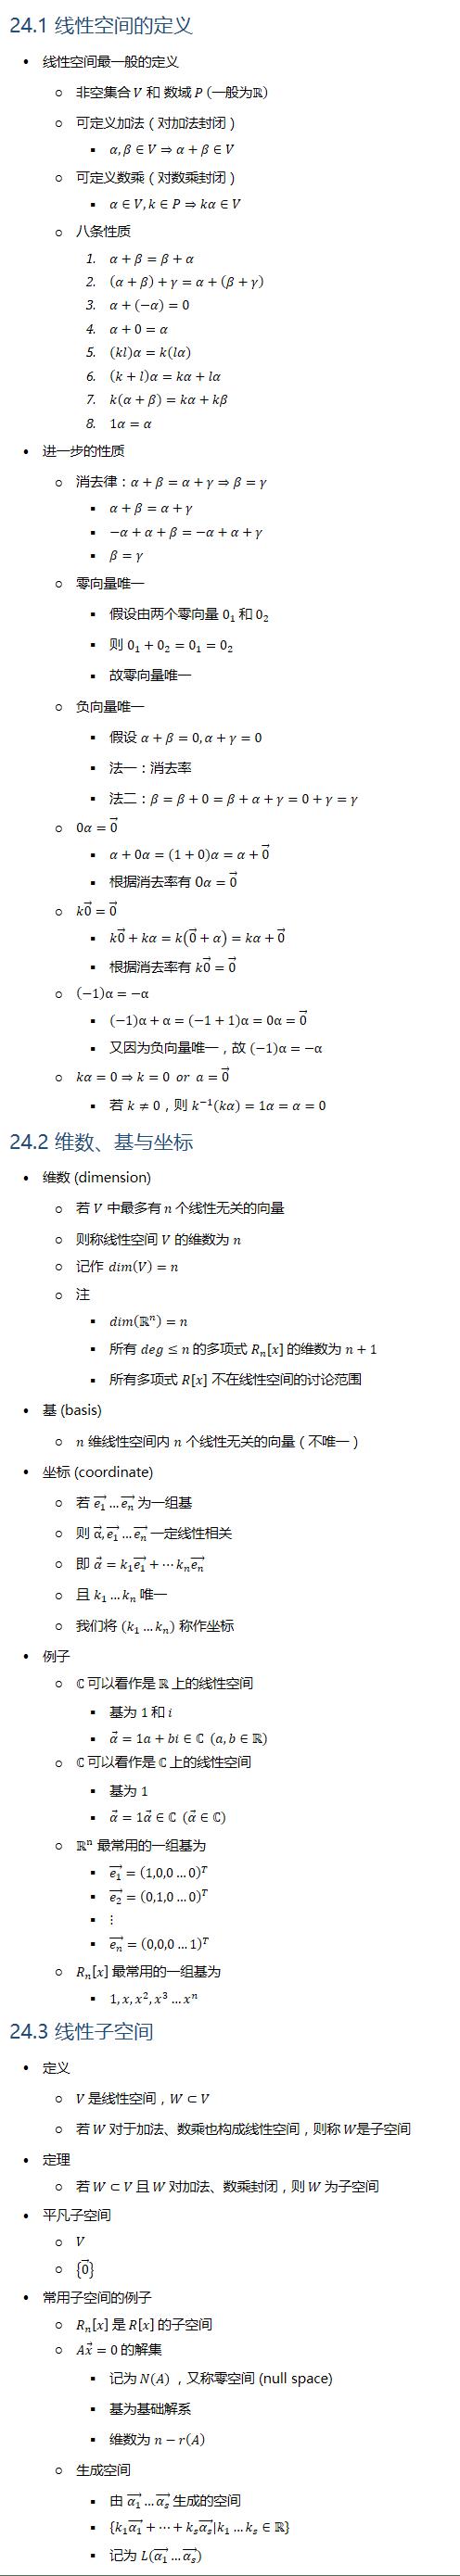 24.1 线性空间的定义 • 线性空间最一般的定义 ○ 非空集合 V 和 数域 P (一般为R ○ 可定义加法(对加法封闭) § α, β∈V⇒α+β∈V ○ 可定义数乘(对数乘封闭) § α∈V,k∈P⇒kα∈V ○ 八条性质 1. α+β=β+α 2. (α+β)+γ=α+(β+γ) 3. α+(−α)=0 4. α+0=α 5. (kl)α=k(lα) 6. (k+l)α=kα+lα 7. k(α+β)=kα+kβ 8. 1α=α • 进一步的性质 ○ 消去律:α+β=α+γ⇒β=γ § α+β=α+γ § −α+α+β=−α+α+γ § β=γ ○ 零向量唯一 § 假设由两个零向量 0_1 和 0_2 § 则 0_1+0_2=0_1=0_2 § 故零向量唯一 ○ 负向量唯一 § 假设 α+β=0, α+γ=0 § 法一:消去率 § 法二:β=β+0=β+α+γ=0+γ=γ ○ 0α=0 ⃗ § α+0α=(1+0)α=α+0 ⃗ § 根据消去率有 0α=0 ⃗ ○ k0 ⃗=0 ⃗ § k0 ⃗+kα=k(0 ⃗+α)=kα+0 ⃗ § 根据消去率有 k0 ⃗=0 ⃗ ○ (−1)α=−α § (−1)α+α=(−1+1)α=0α=0 ⃗ § 又因为负向量唯一,故 (−1)α=−α ○ kα=0⇒k=0 or a=0 ⃗ § 若 k≠0,则 k^(−1) (kα)=1α=α=0 24.2 维数、基与坐标 • 维数 (dimension) ○ 若 V 中最多有 n 个线性无关的向量 ○ 则称线性空间 V 的维数为 n ○ 记作 dim(V)=n ○ 注 § dim(Rn )=n § 所有 deg≤n 的多项式 R_n [x] 的维数为 n+1 § 所有多项式 R[x] 不在线性空间的讨论范围 • 基 (basis) ○ n 维线性空间内 n 个线性无关的向量(不唯一) • 坐标 (coordinate) ○ 若 (e_1 ) ⃗…(e_n ) ⃗ 为一组基 ○ 则 α ⃗, (e_1 ) ⃗…(e_n ) ⃗ 一定线性相关 ○ 即 α ⃗=k_1 (e_1 ) ⃗+…k_n (e_n ) ⃗ ○ 且 k_1…k_n 唯一 ○ 我们将 (k_1…k_n) 称作坐标 • 例子 ○ ℂ 可以看作是 R 上的线性空间 § 基为 1 和 i § α ⃗=1a+bi∈ℂ (a,b∈R) ○ ℂ 可以看作是 ℂ 上的线性空间 § 基为 1 § α ⃗=1α ⃗∈ℂ (α ⃗∈ℂ) ○ Rn 最常用的一组基为 § (e_1 ) ⃗=(1,0,0…0)^T § (e_2 ) ⃗=(0,1,0…0)^T § ⋮ § (e_n ) ⃗=(0,0,0…1)^T ○ R_n [x] 最常用的一组基为 § 1,x, x^2, x^3…x^n 24.3 线性子空间 • 定义 ○ V 是线性空间,W⊂V ○ 若 W 对于加法、数乘也构成线性空间, • 定理 ○ 若 W⊂V 且 W 对加法、数乘封闭,则 W 为子空间 • 平凡子空间 ○ V ○ {0 ⃗ } • 常用子空间的例子 ○ R_n [x] 是 R[x] 的子空间 ○ Ax ⃗=0 的解集 § 记为 N(A) ,又称零空间 (null space) § 基为基础解系 § 维数为 n−r(A) ○ 生成空间 § 由 (α_1 ) ⃗…(α_s ) ⃗ 生成的空间 § {k_1 (α_1 ) ⃗+…+k_s (α_s ) ⃗ ┤| k_1…k_s∈R} § 记为 L((α_1 ) ⃗…(α_s ) ⃗)